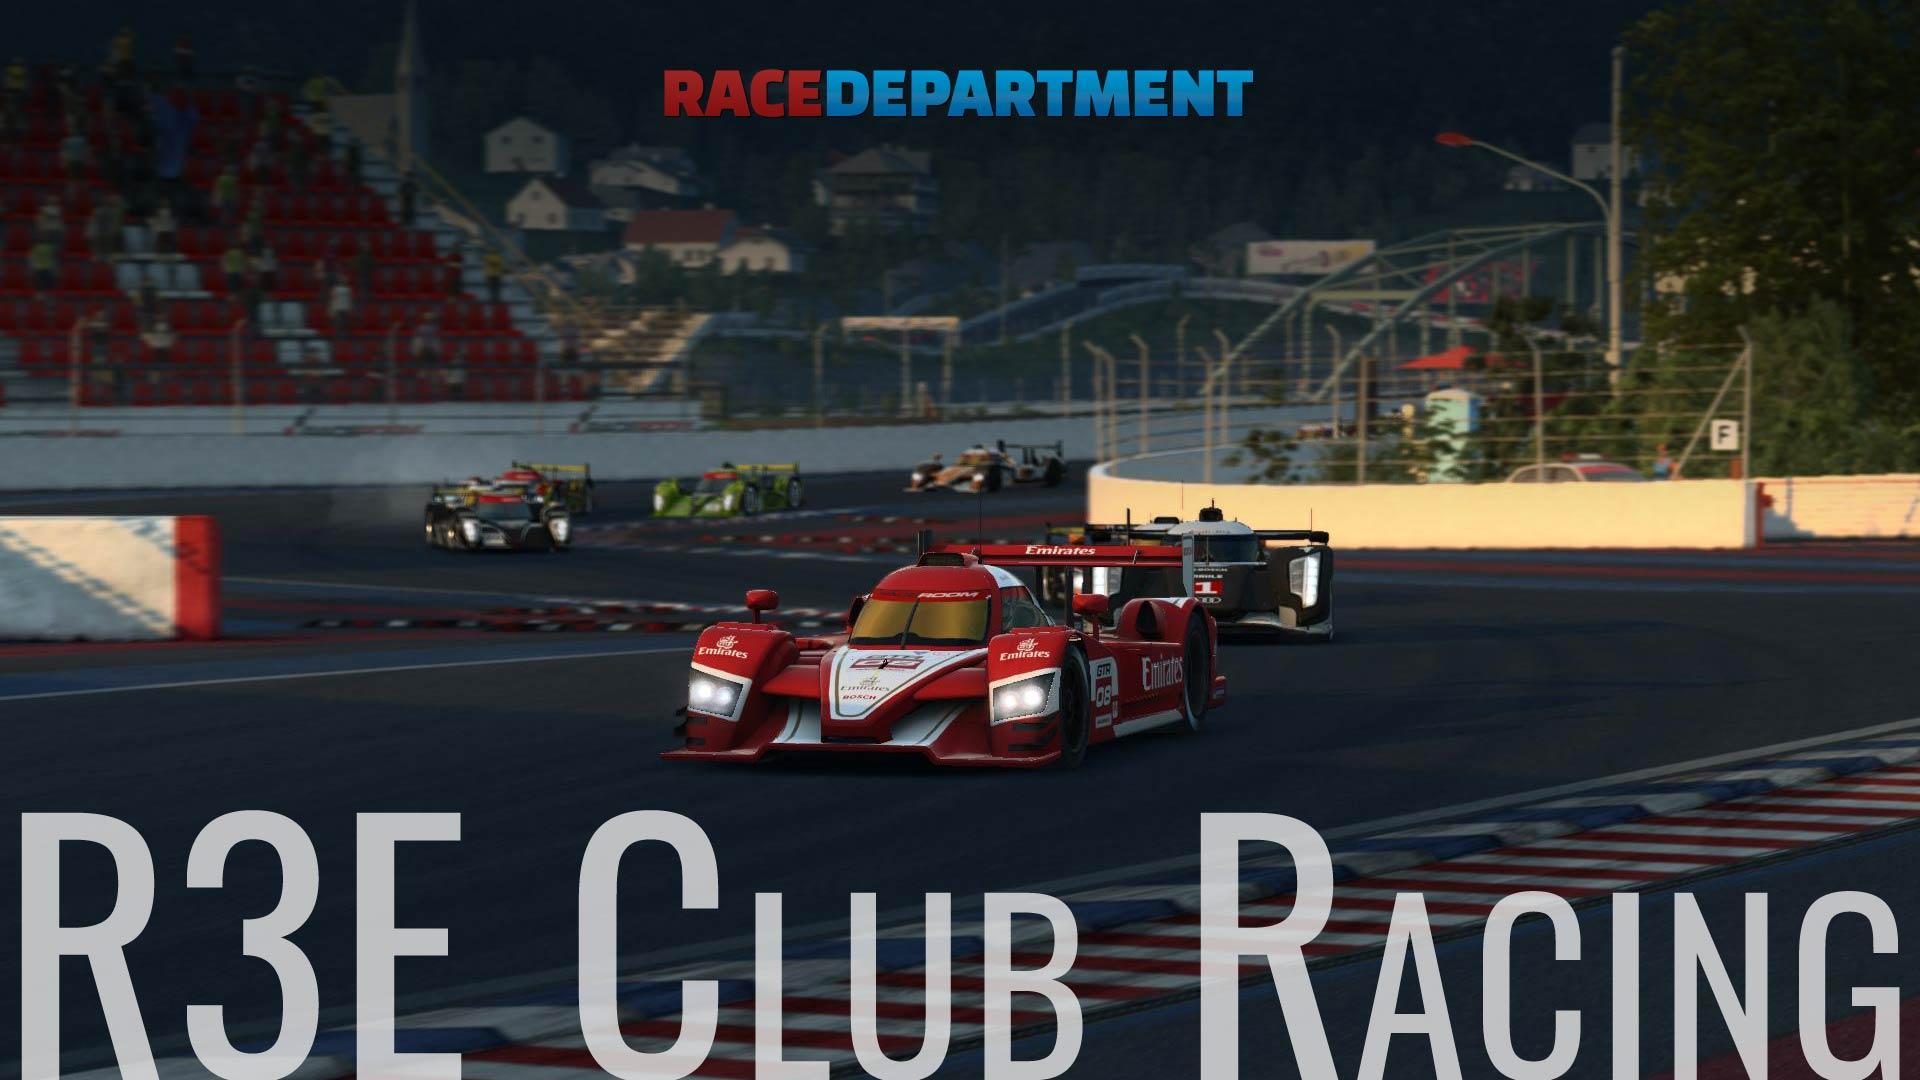 R3E_Club_Racing.jpg